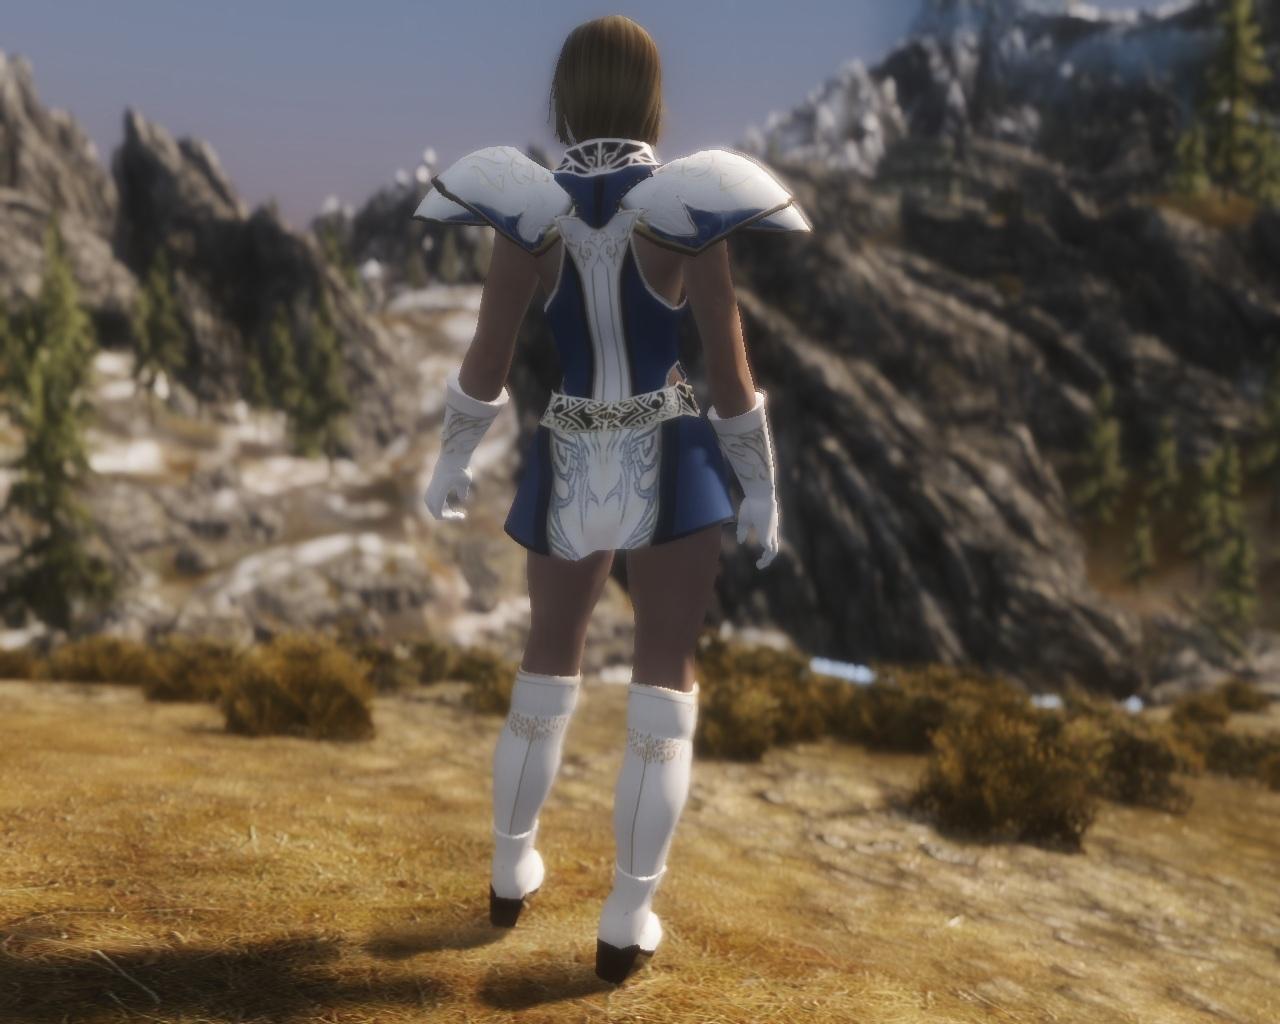 Athena_Armor_01.jpg